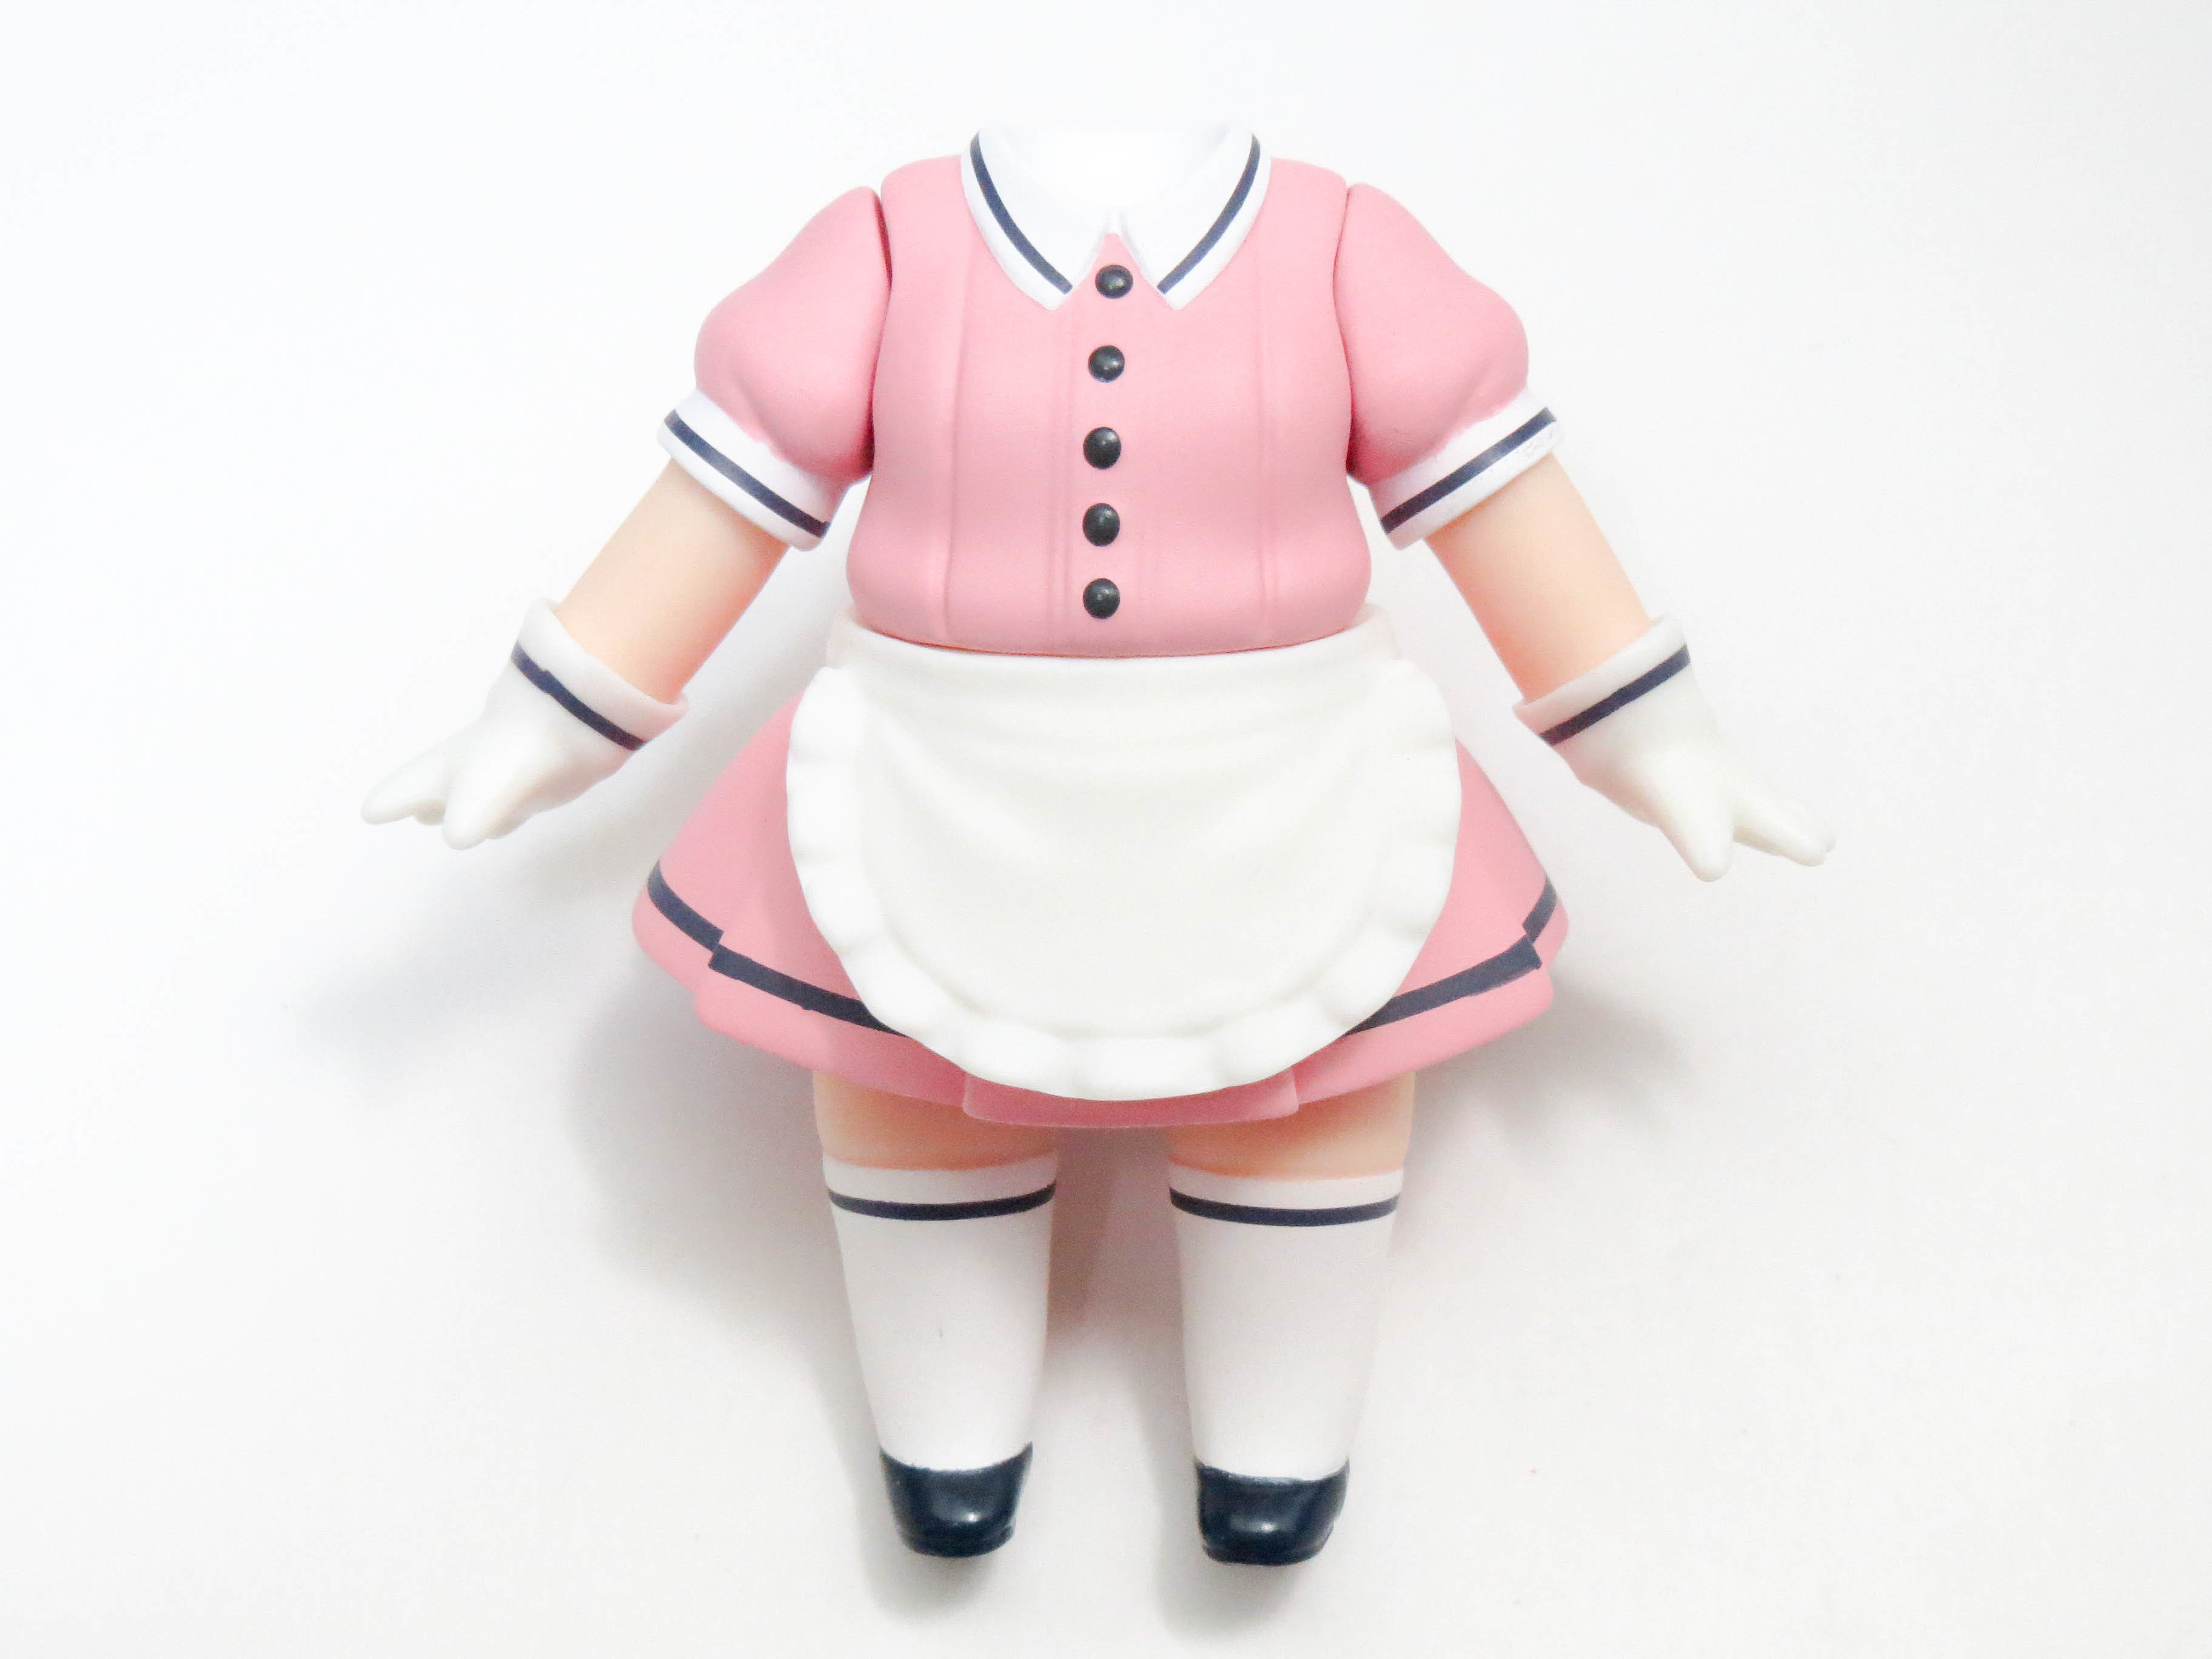 再入荷【871】 桜ノ宮苺香 体パーツ ウェイトレスの制服 ねんどろいど